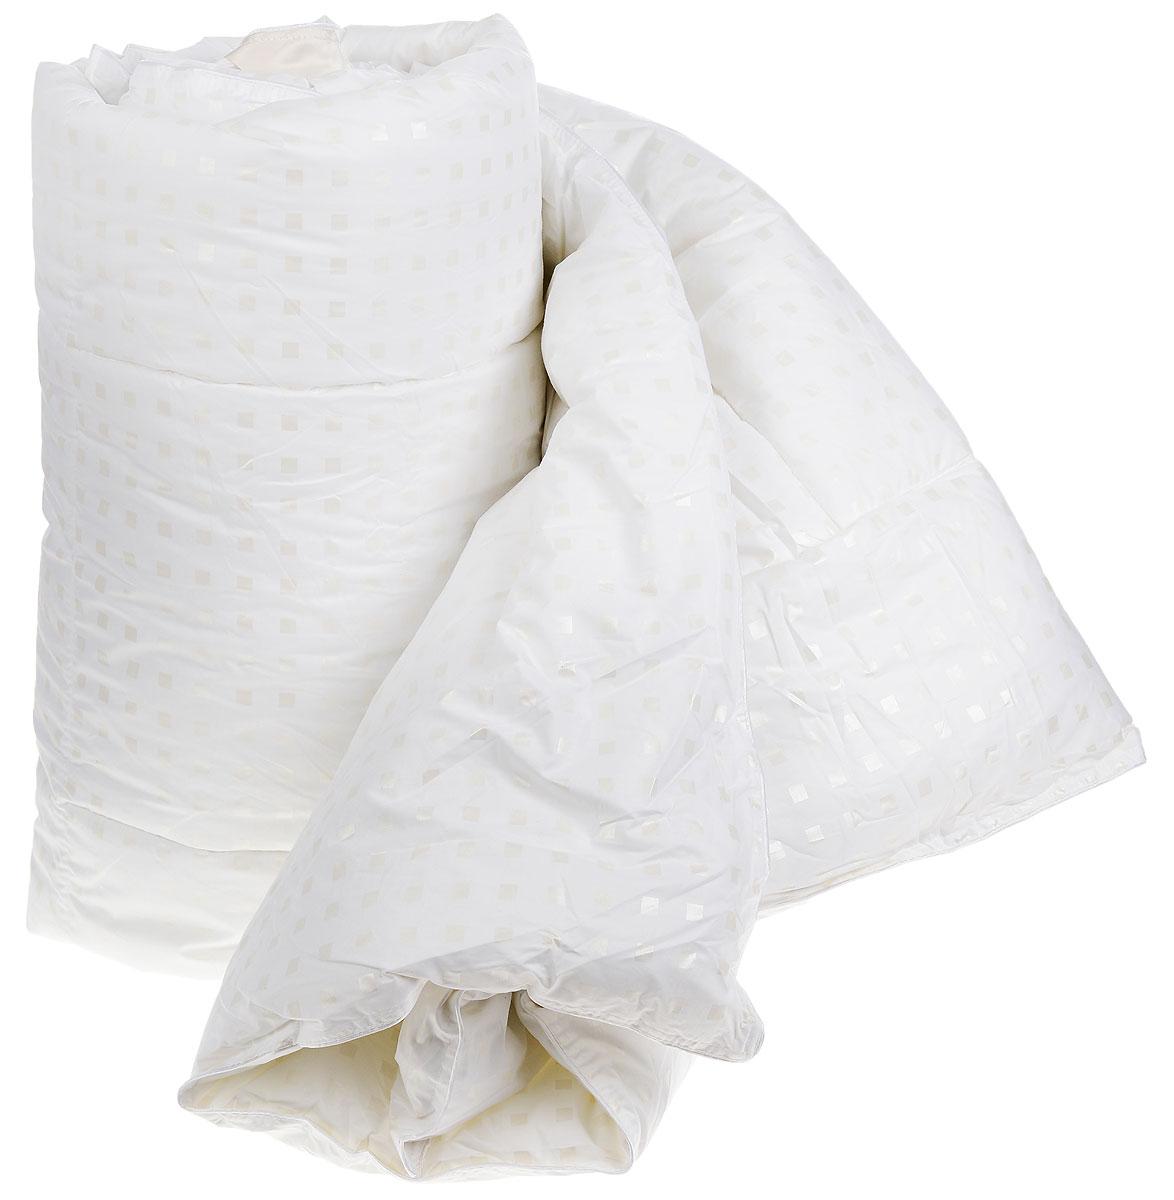 Одеяло Арт Постель, наполнитель: полиэфирное микроволокно, 200 х 215 см2016Одеяло Арт Постель обеспечит вам здоровый сон и комфорт. Чехол, выполненный из 100% хлопка (тик пухоперовой), оформлен узором в виде квадратов. В качестве наполнителя используются полиэфирное волокно. Одеяло с таким наполнителем создаст прекрасный микроклимат для вашего сна. Рекомендации по уходу: - Стирать при температуре не выше 30°С. - Не отбеливать. - Не гладить. - Рекомендована сушка на горизонтальной плоскости в расправленном состоянии. - Обычная сухая чистка.